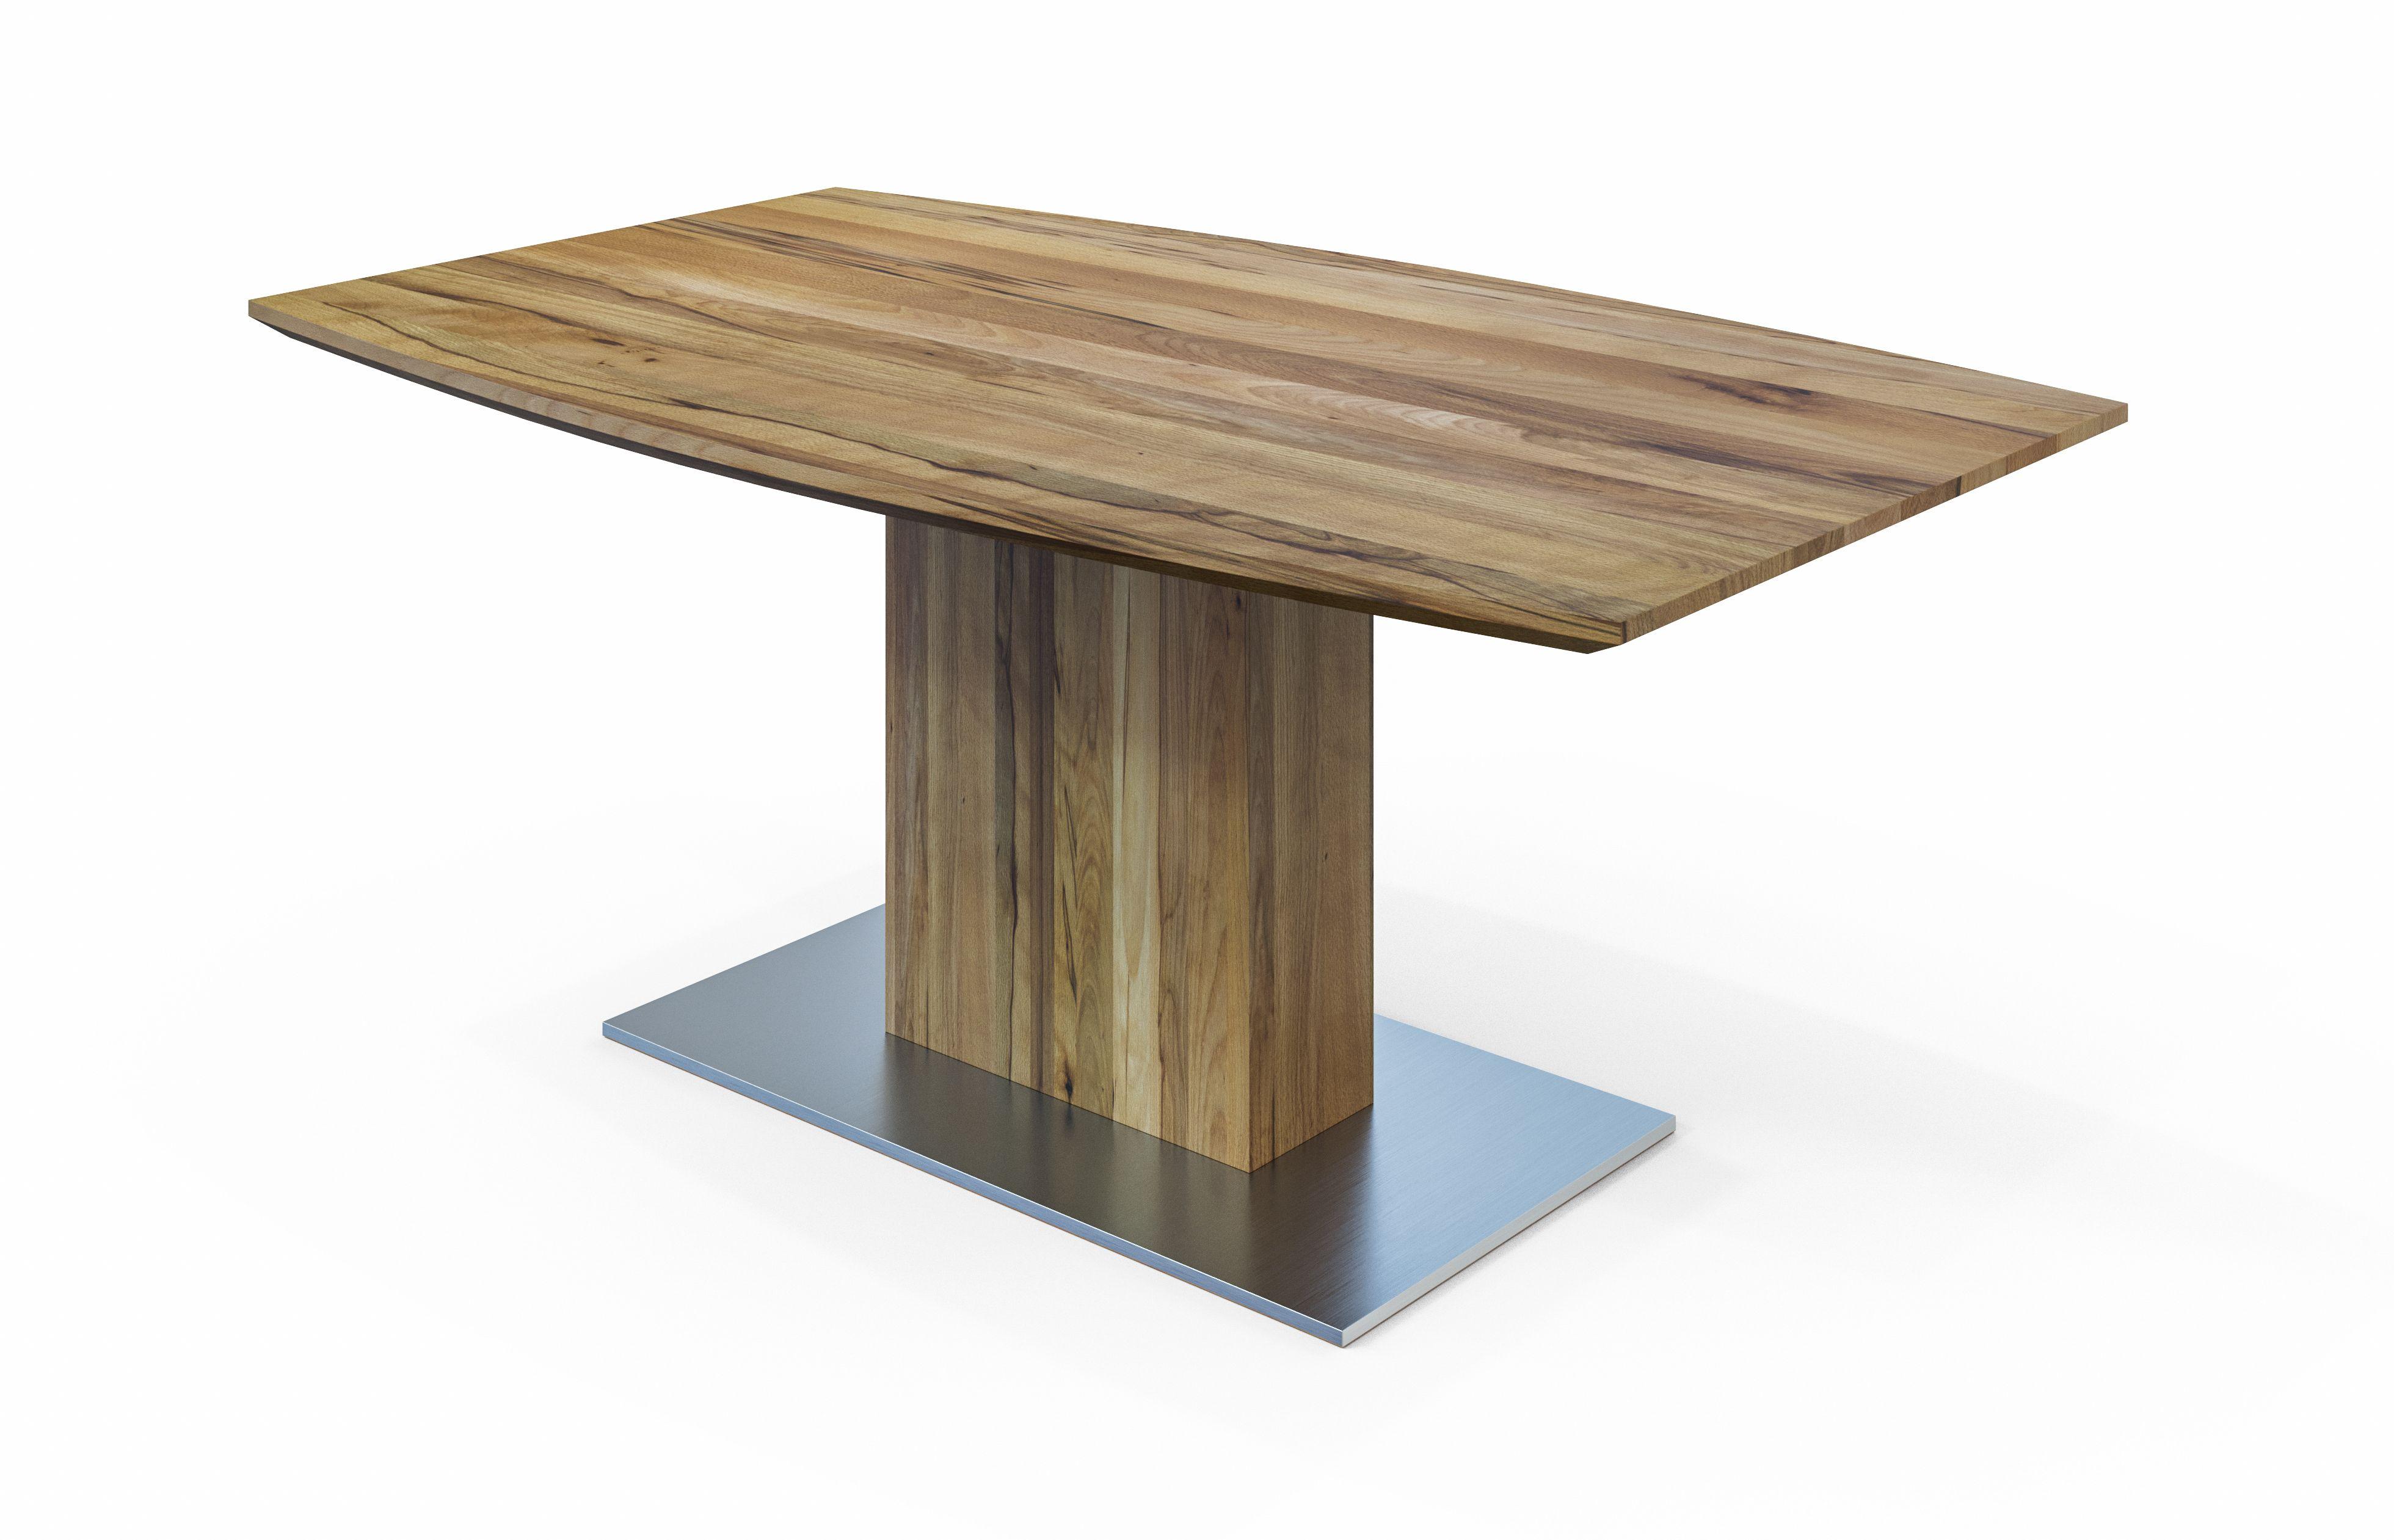 Die Tischplatte In Bootsform Wirkt Edel Und Modern Zugleich Unser Esstisch Pontos Comnata Esstisch Esstisch Tisch Saulentisch